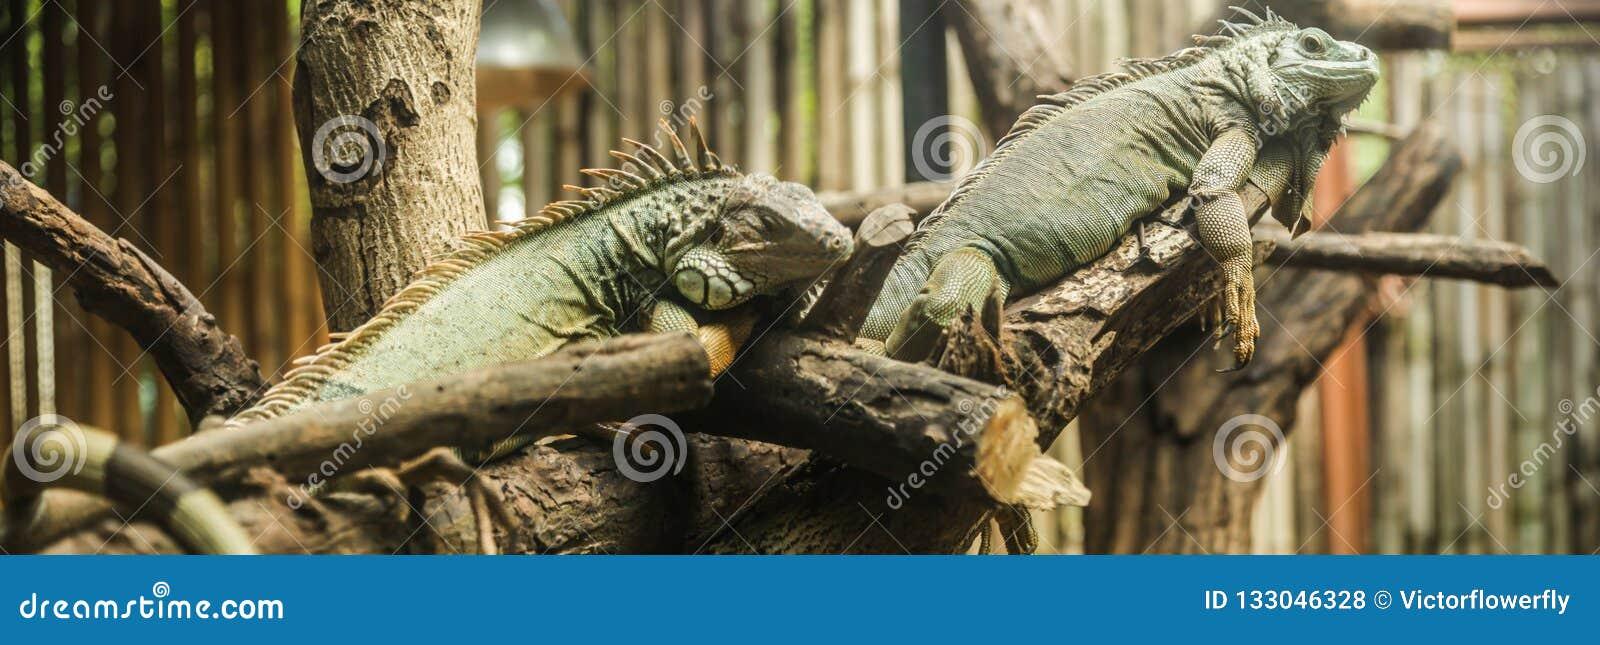 Zielona iguany iguany iguana, także znać jako Amerykańska iguana, jest wielka, nadrzewny, jaszczurka Znajdujący w niewoli jako zw